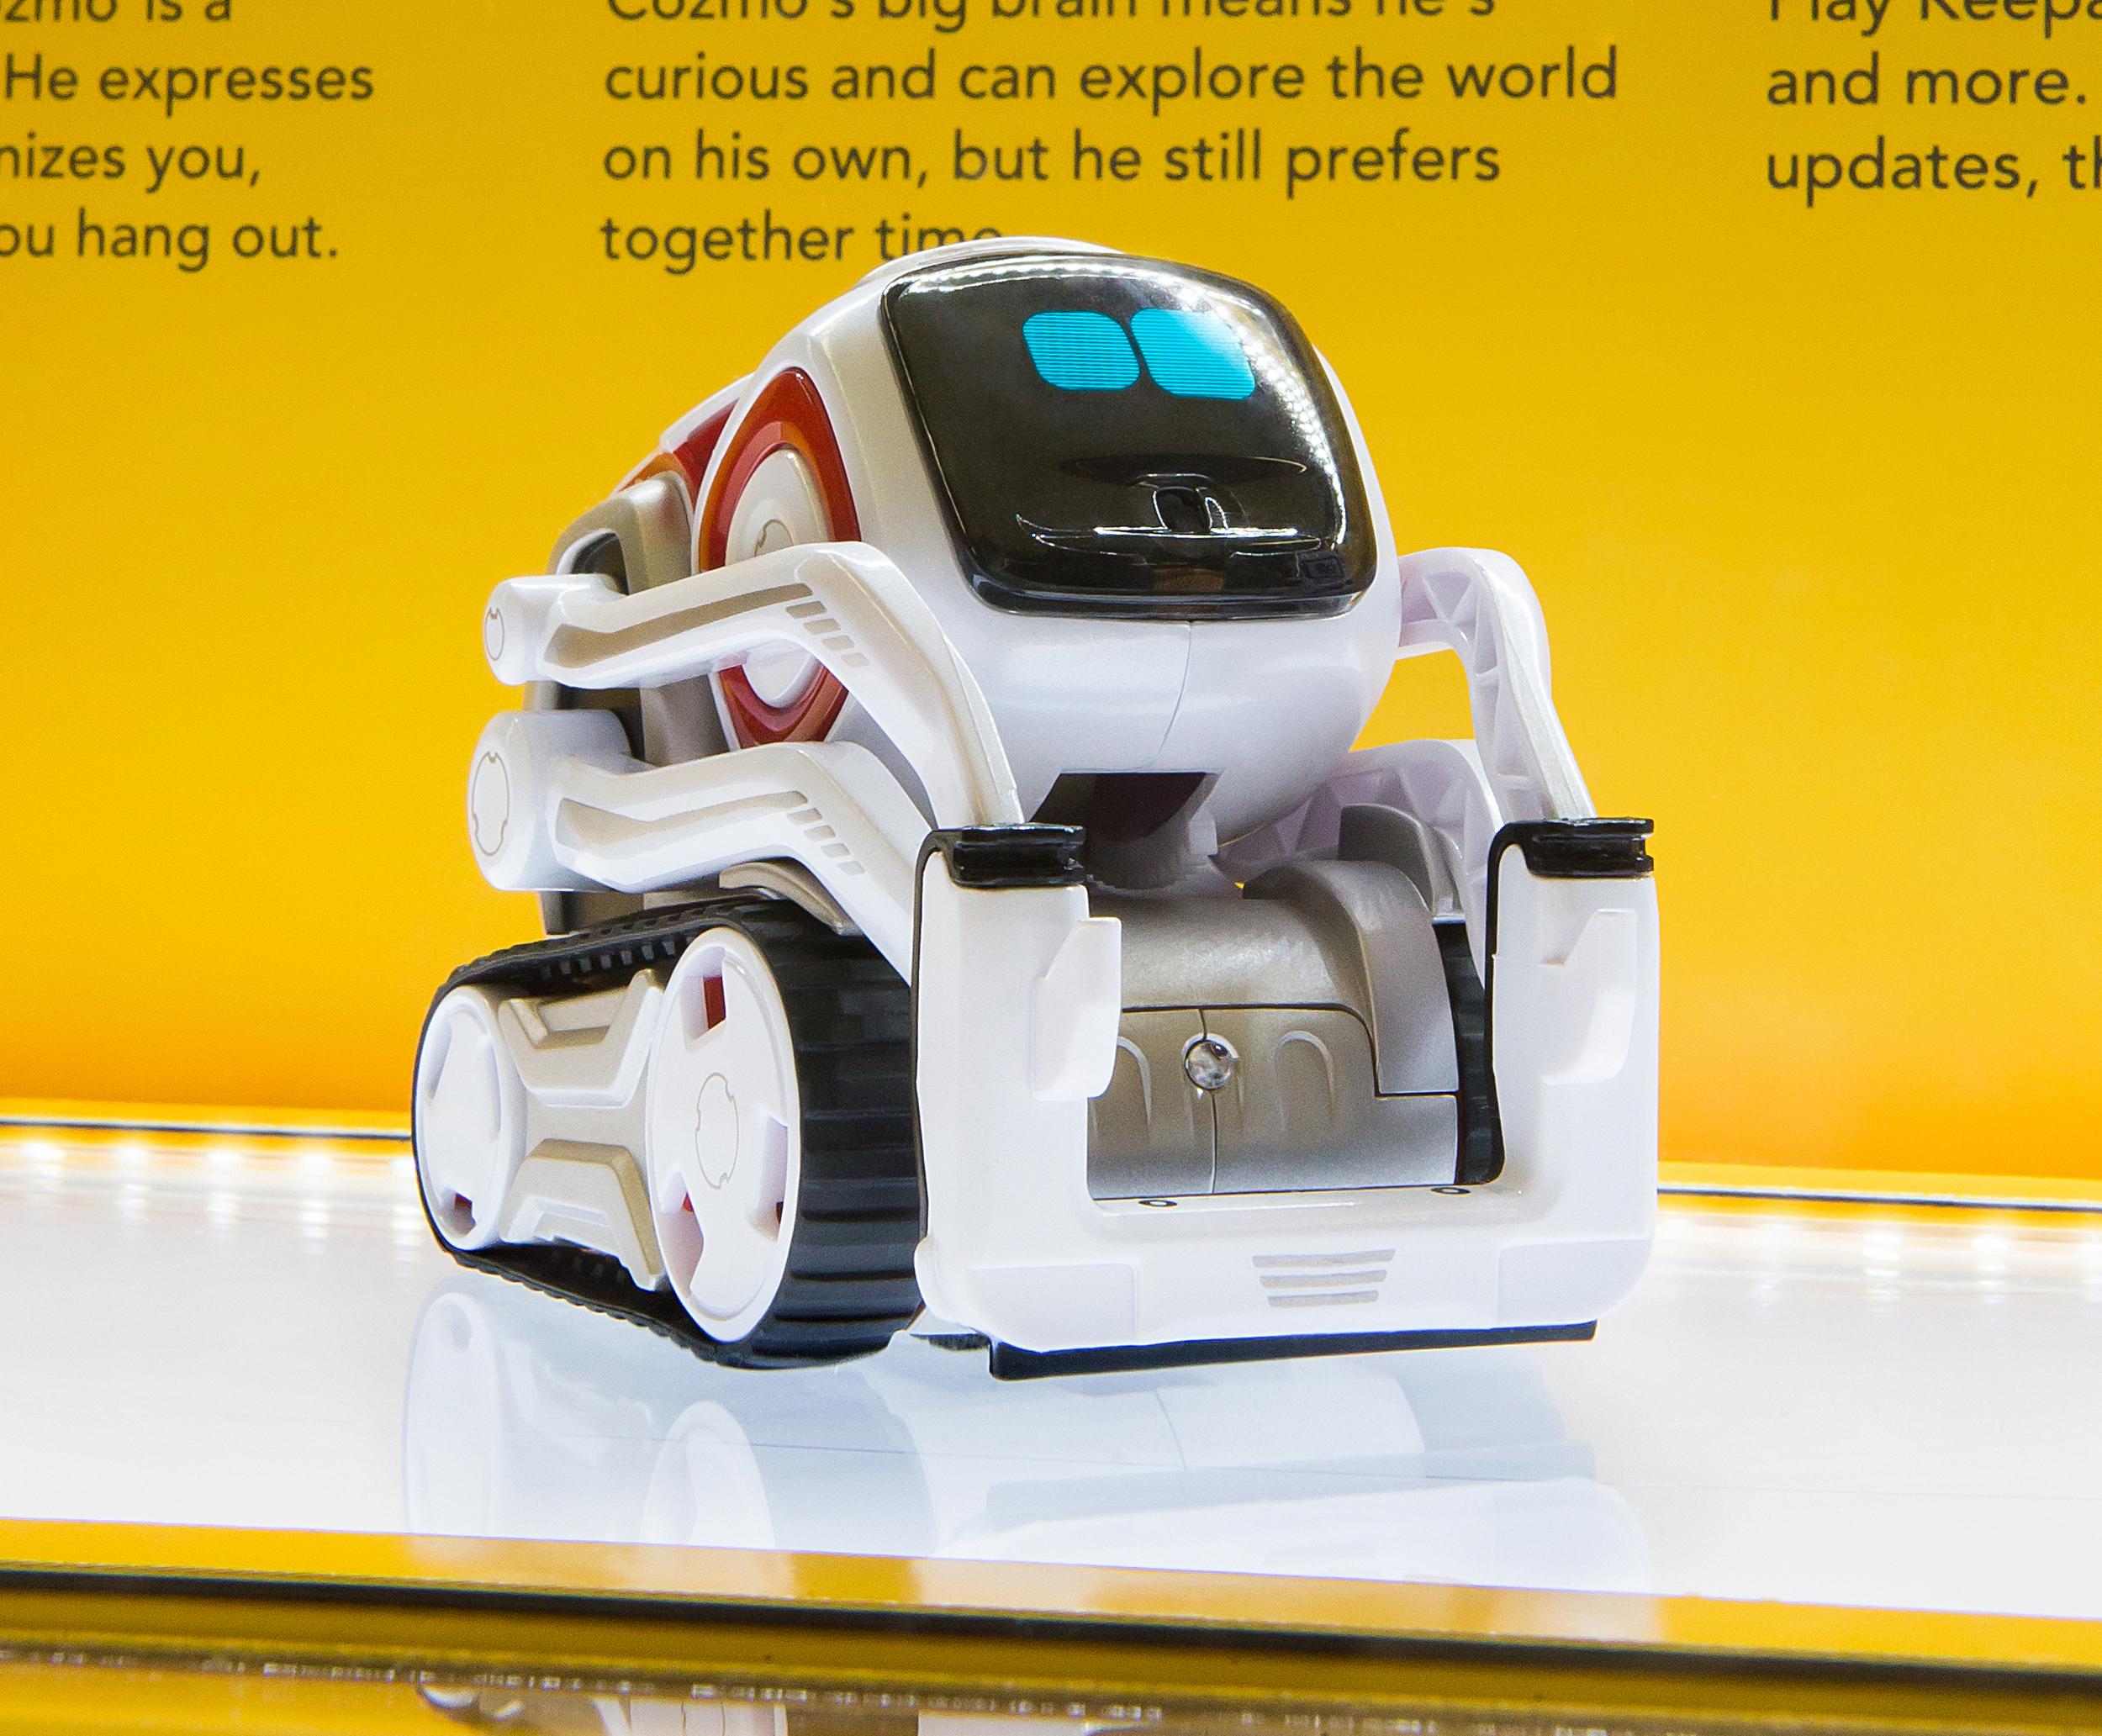 Anki Cozmo AI robot on product display